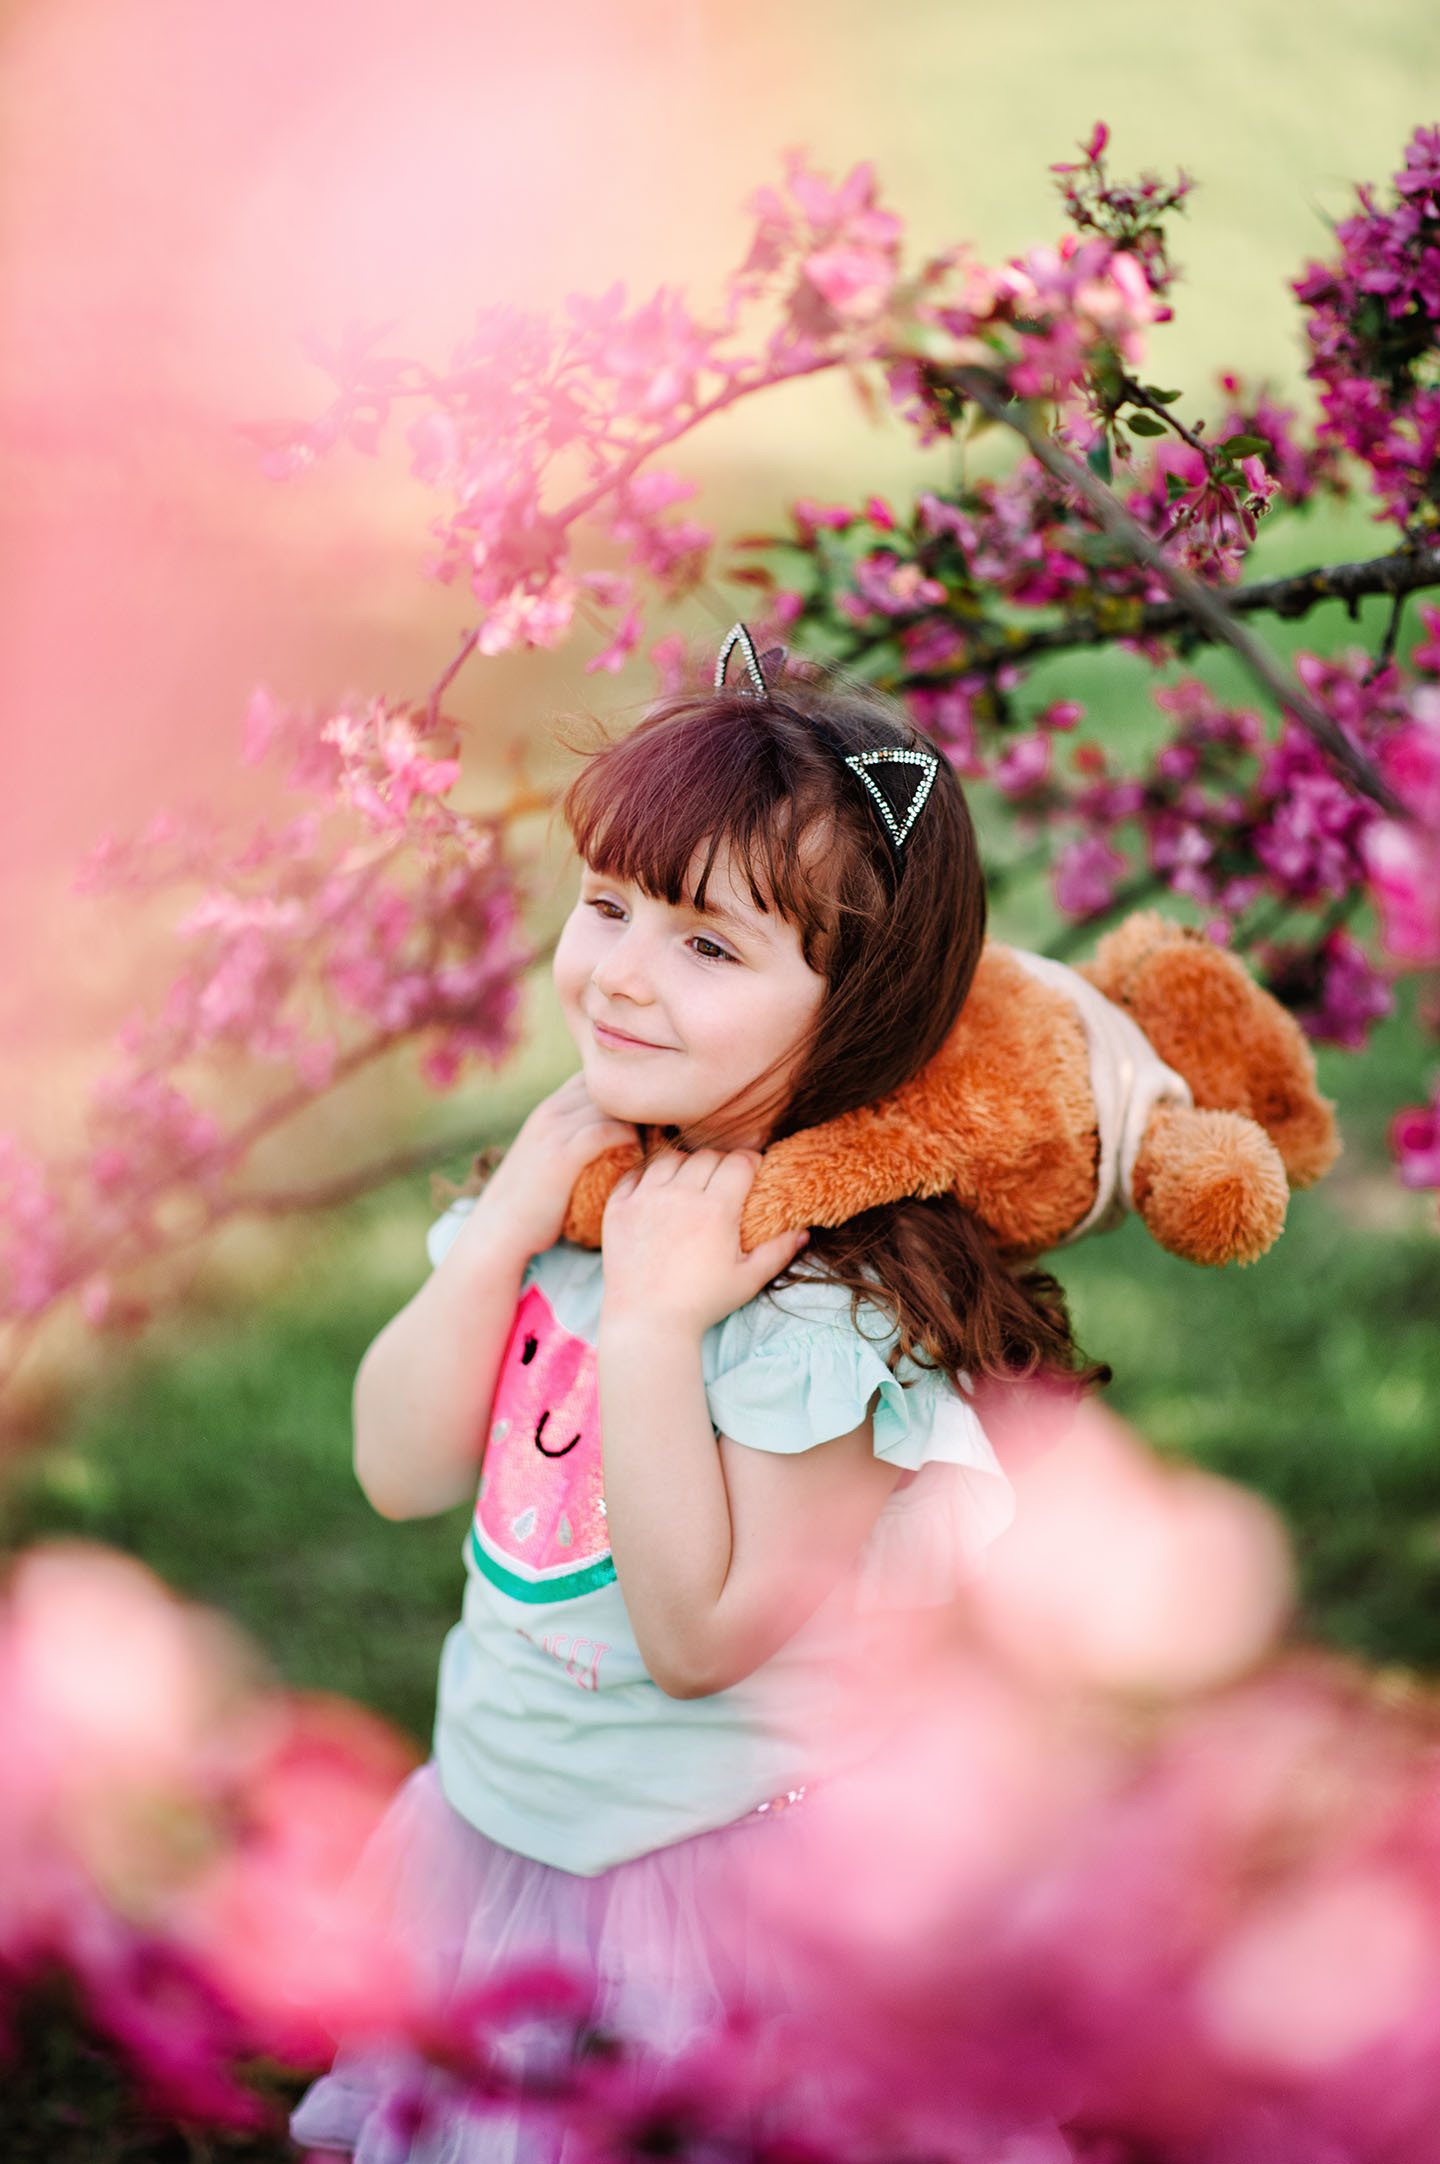 DSC_4374 Best 4 2560.jpg